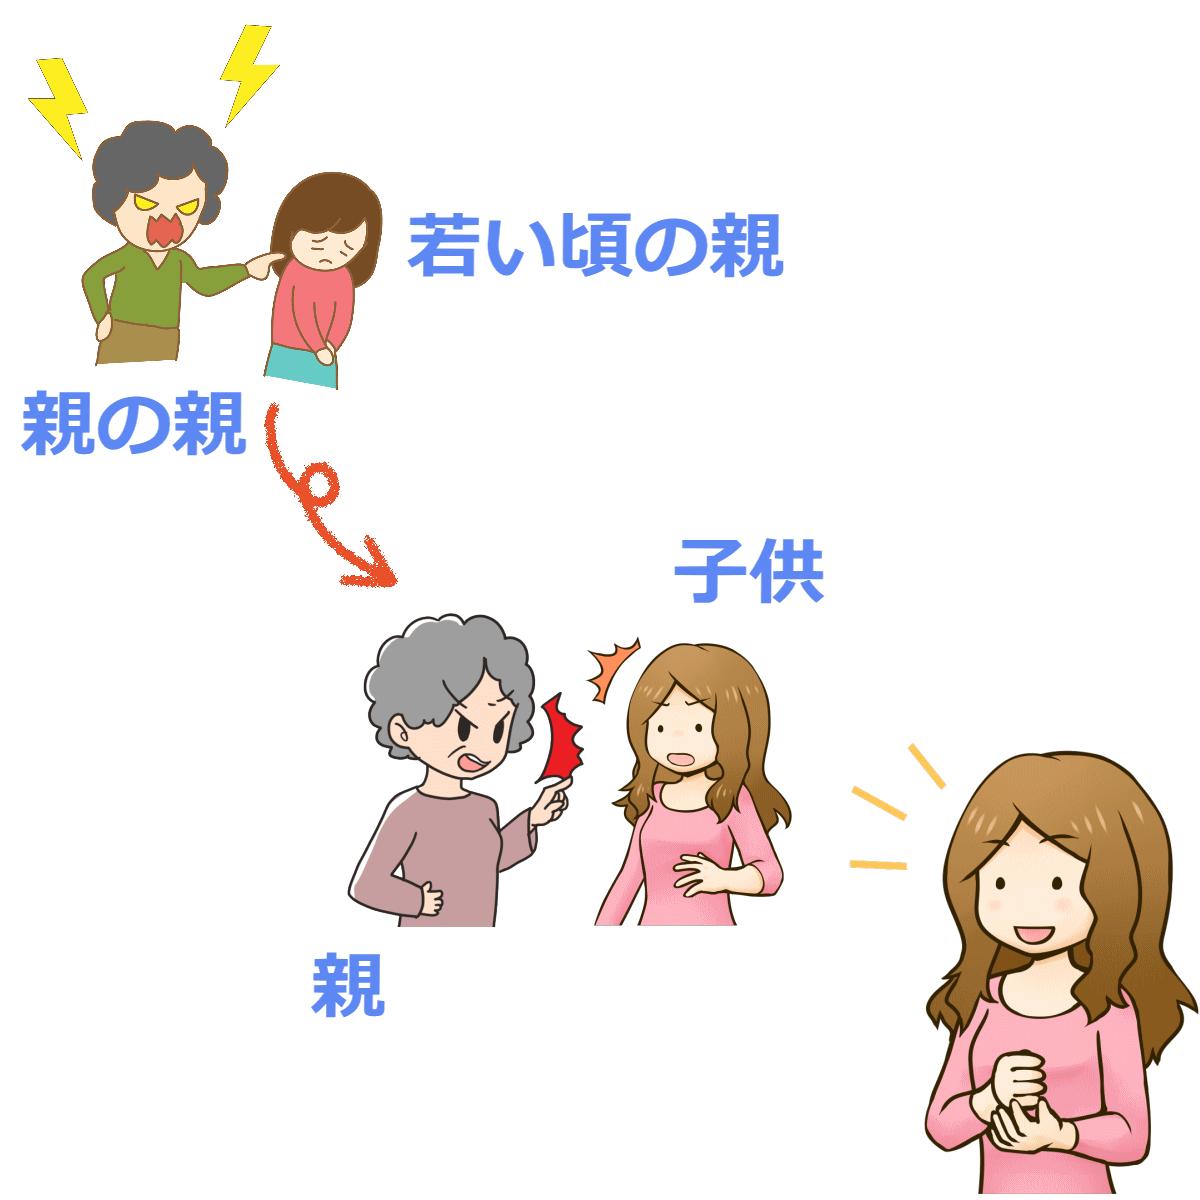 毒親は子育てが苦手であることを理解することで親との関係を整理している様子を表すイラスト